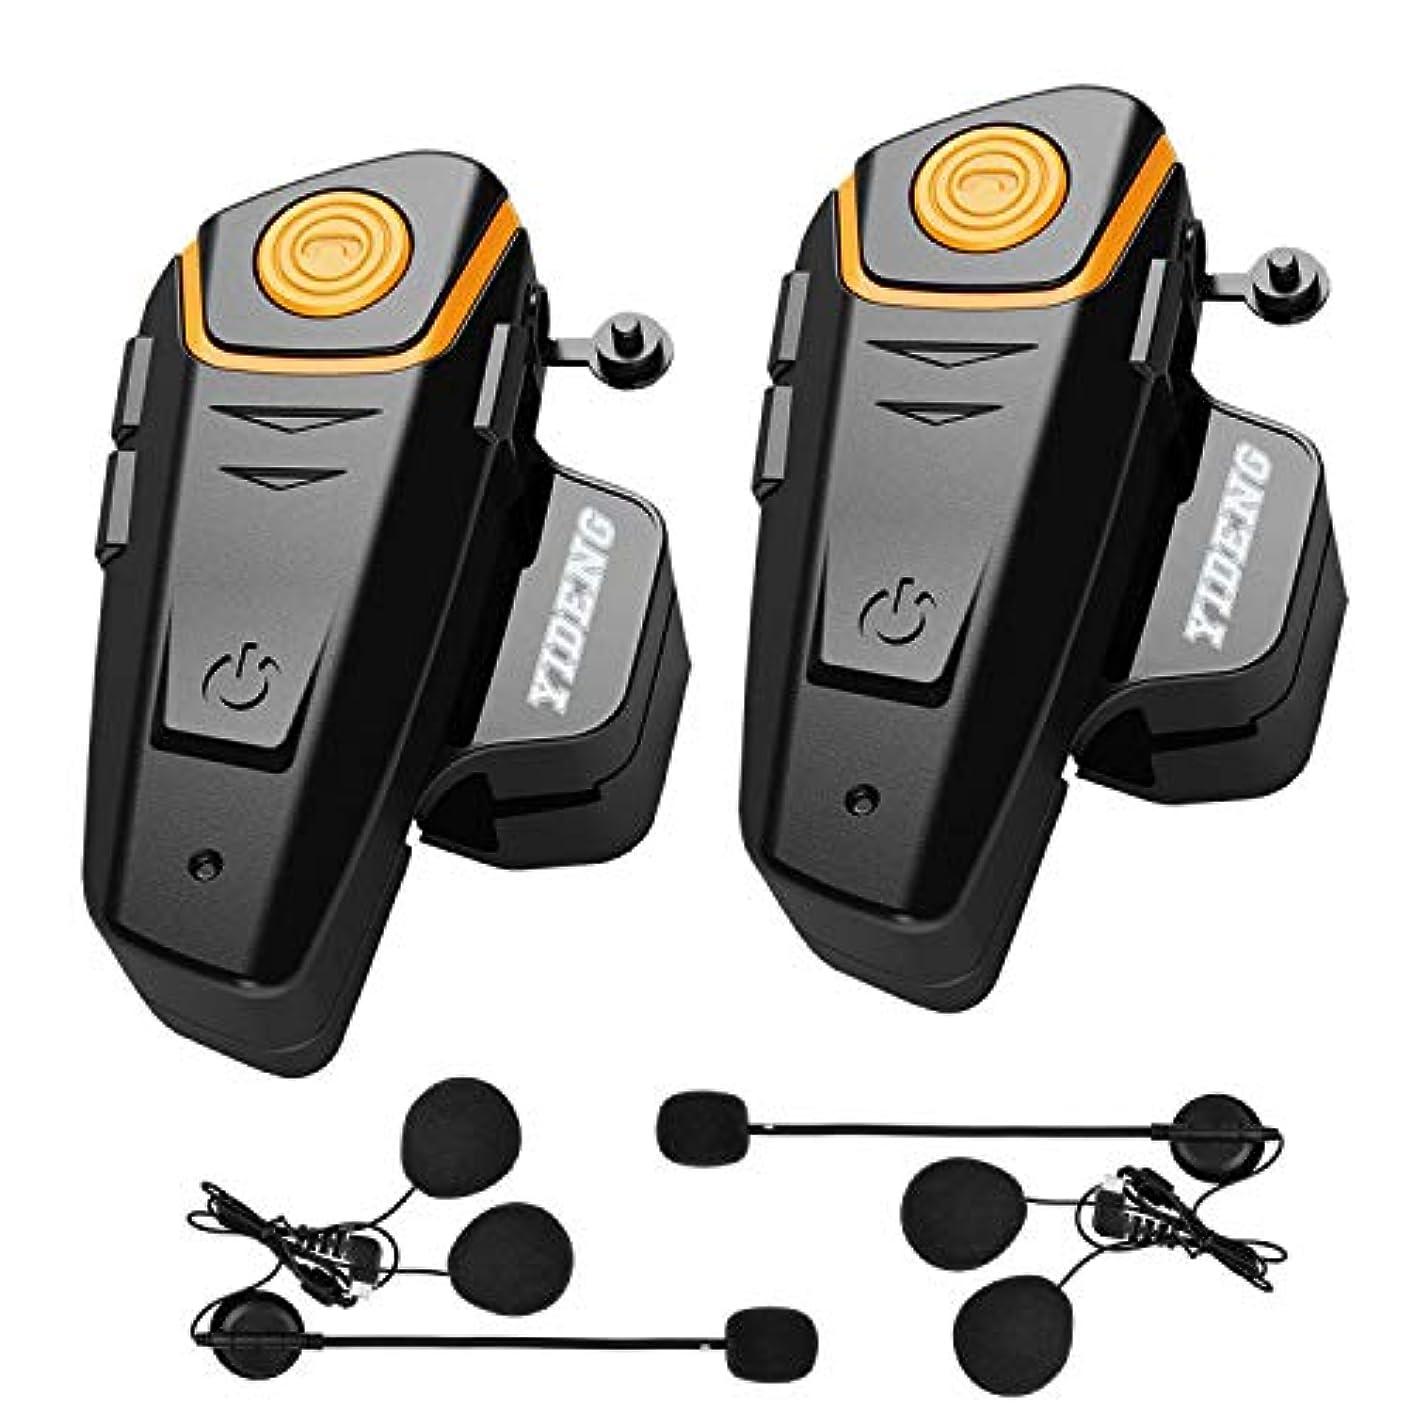 話をする息苦しい本当のことを言うとYideng Bluetooth ヘッドセット インターコム オートバイ ヘルメット インターホン BT-S2 1000m トランシーバー ヘッドホン 防水 ワイヤレス 通信システム 最大3人乗り (2パック)